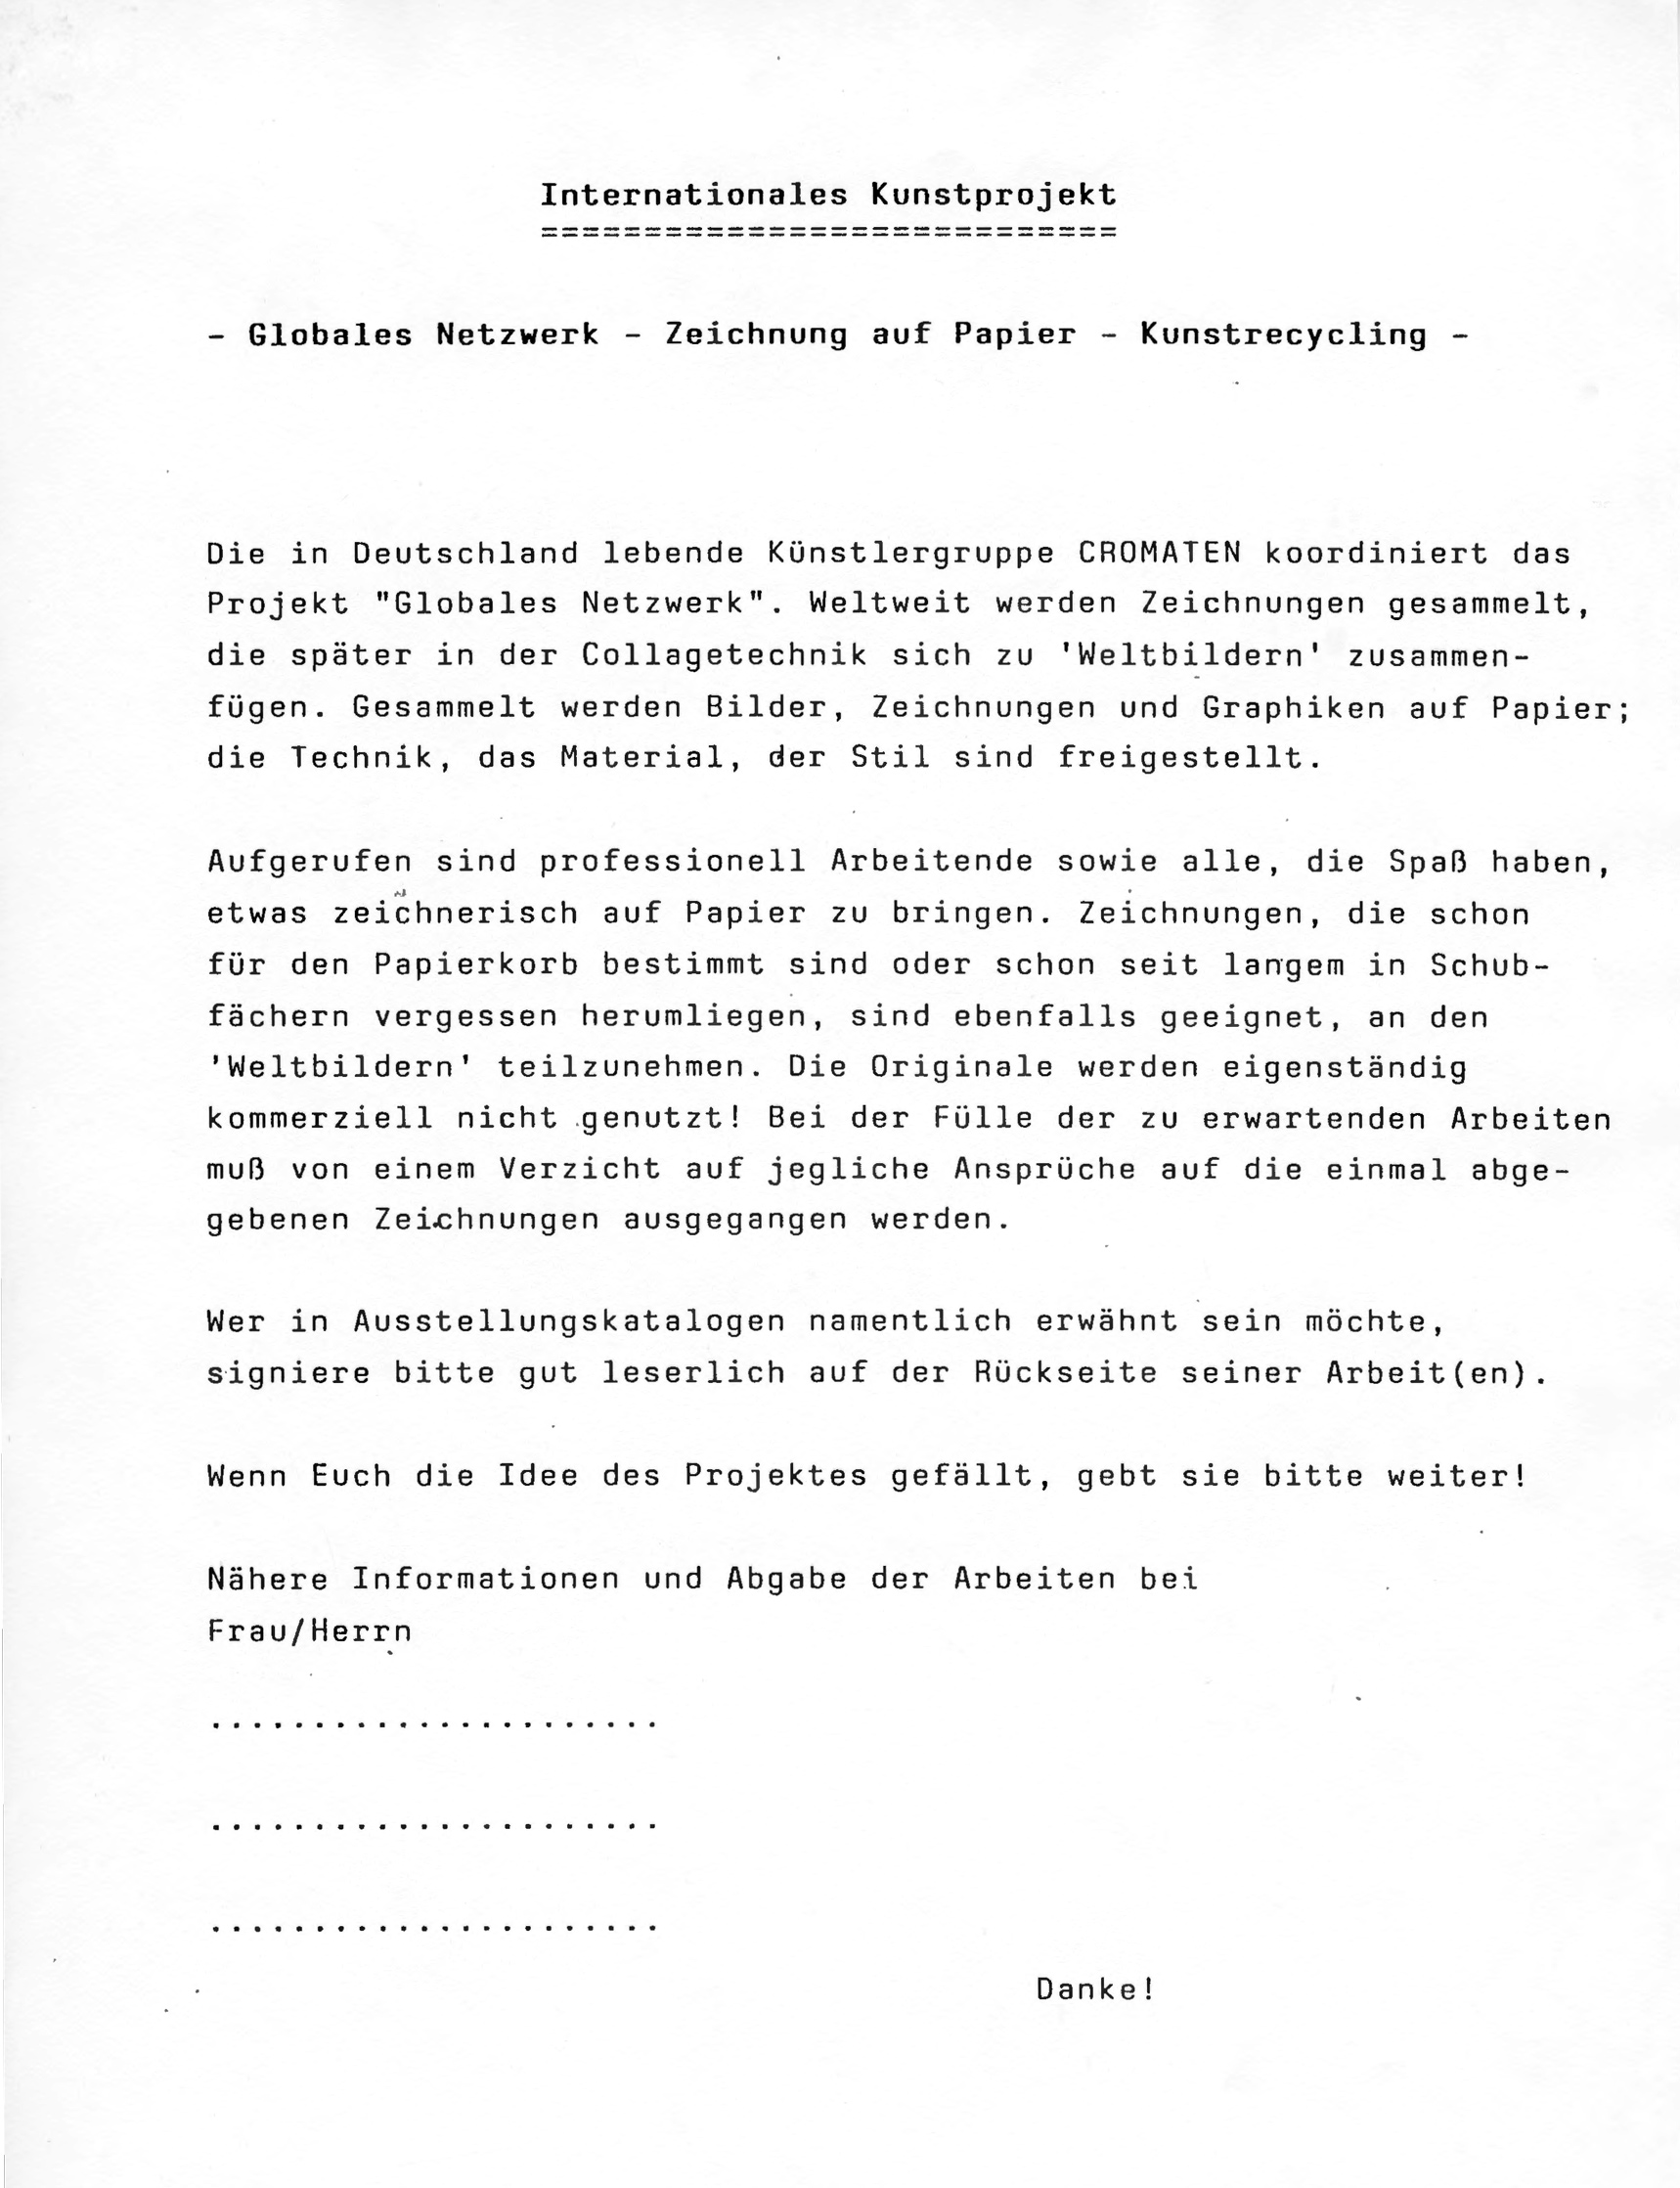 sammel-aufruf-1995